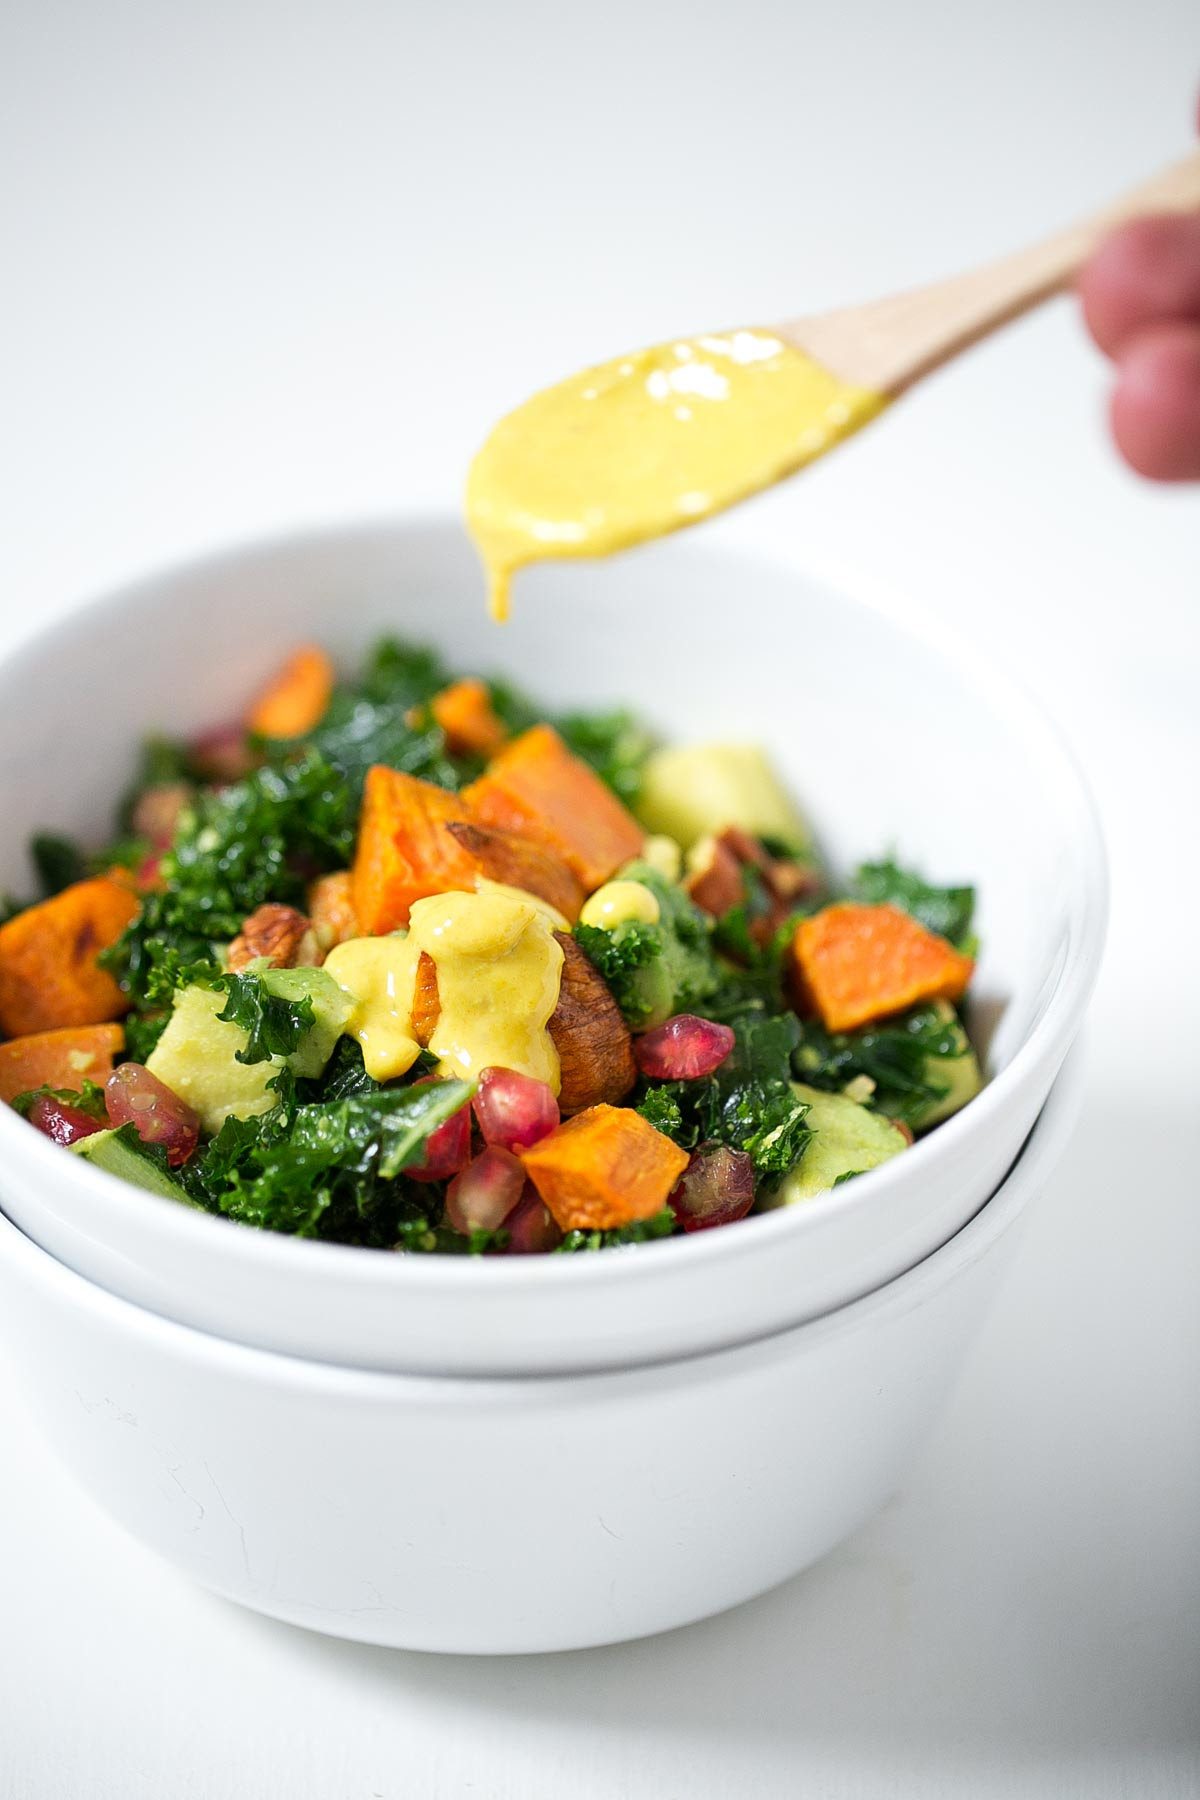 Ensalada de Kale con Aliño de Tahini y Cúrcuma. - Las ensaladas de kale son perfectas para comer fuera de casa porque aguantan muy bien, de hecho están más ricas cuando pasan las horas.